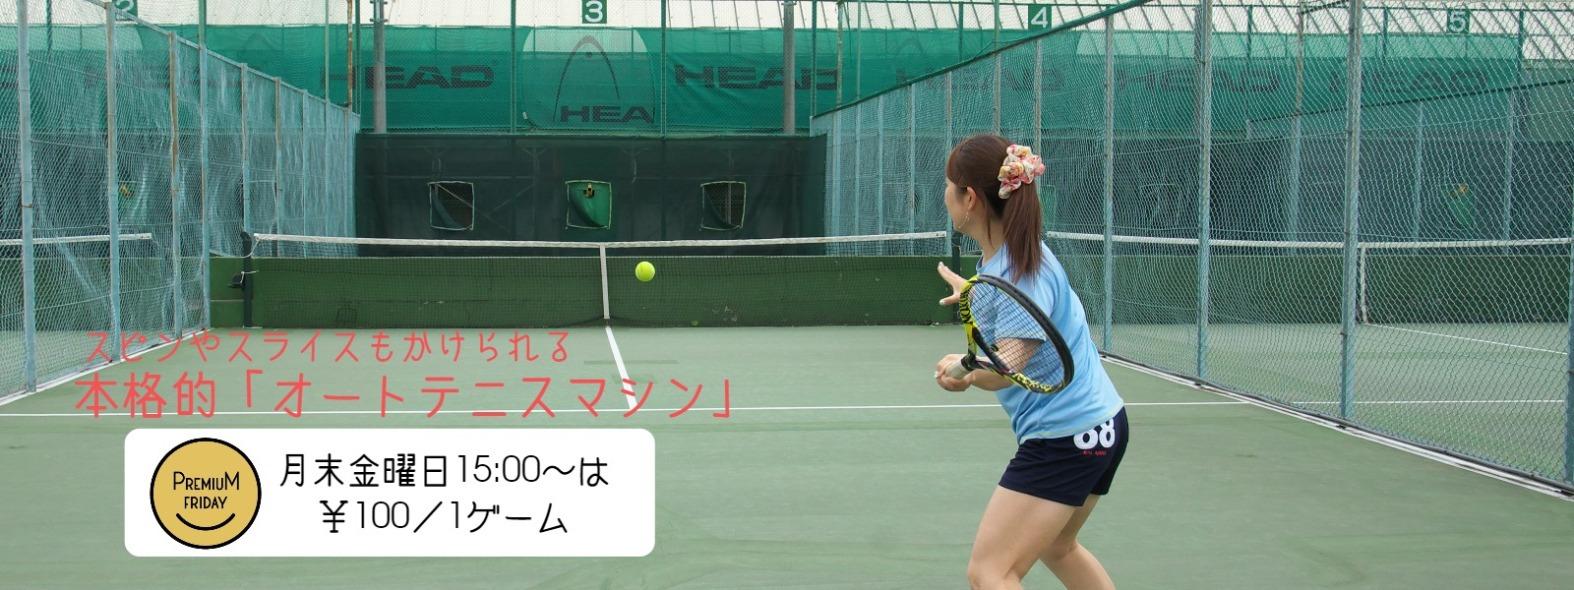 オートテニスマシン 昭和の森テニスセンター(東京都昭島市)